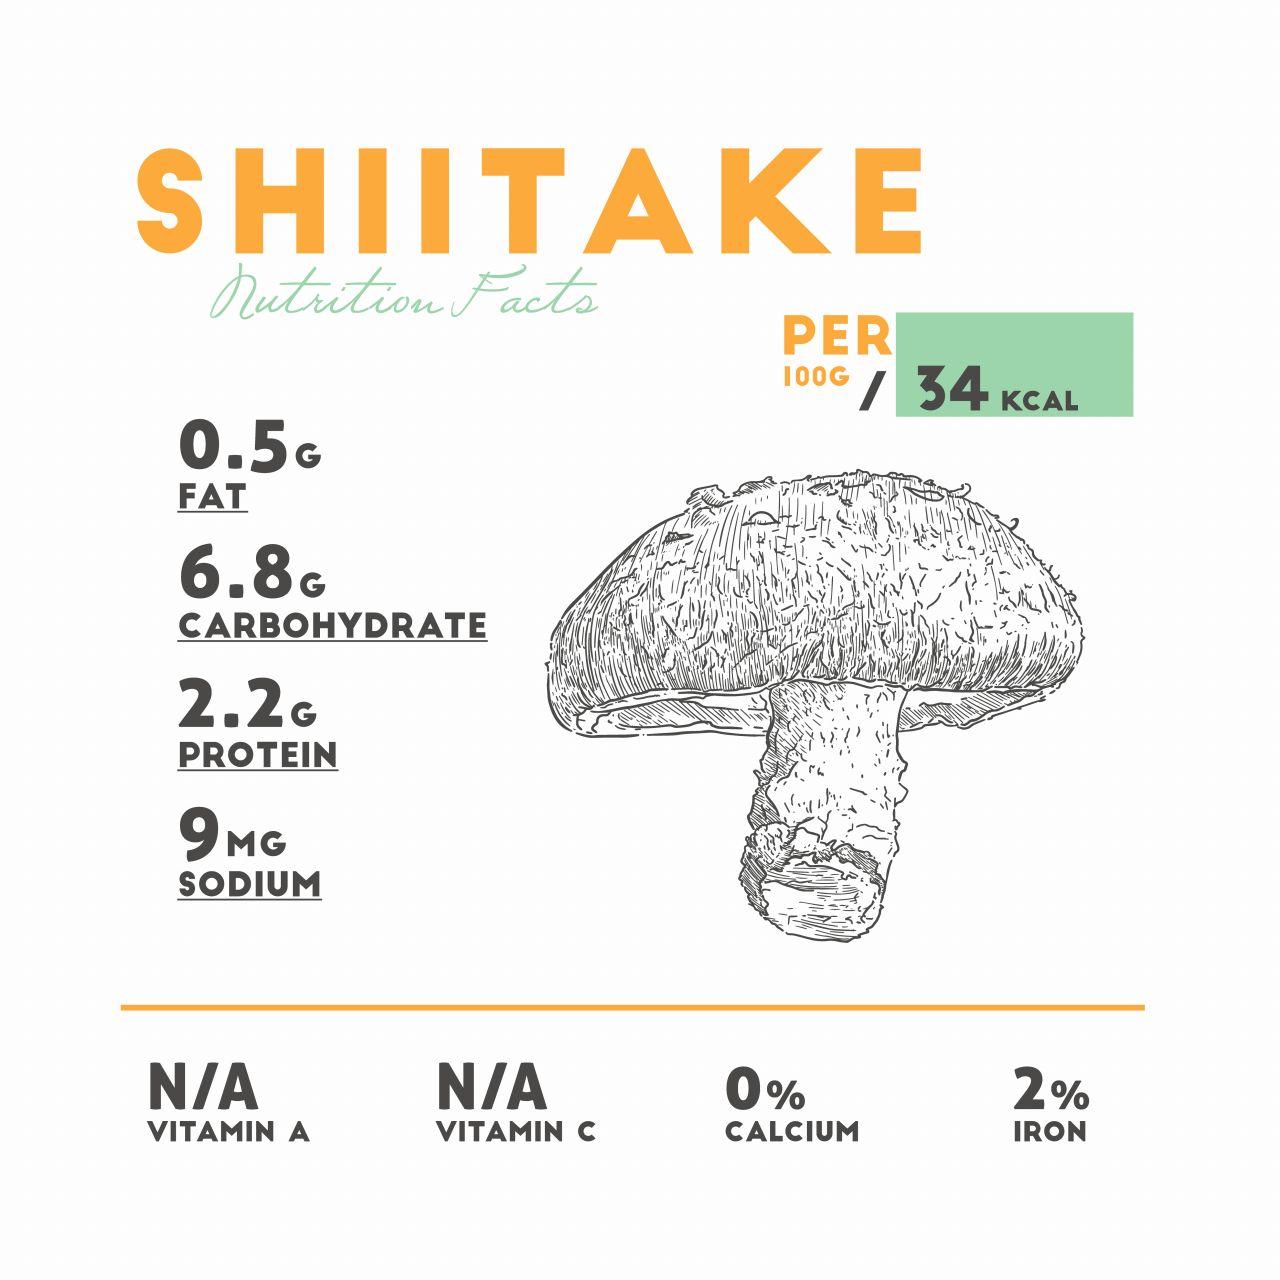 Shitake nutrition